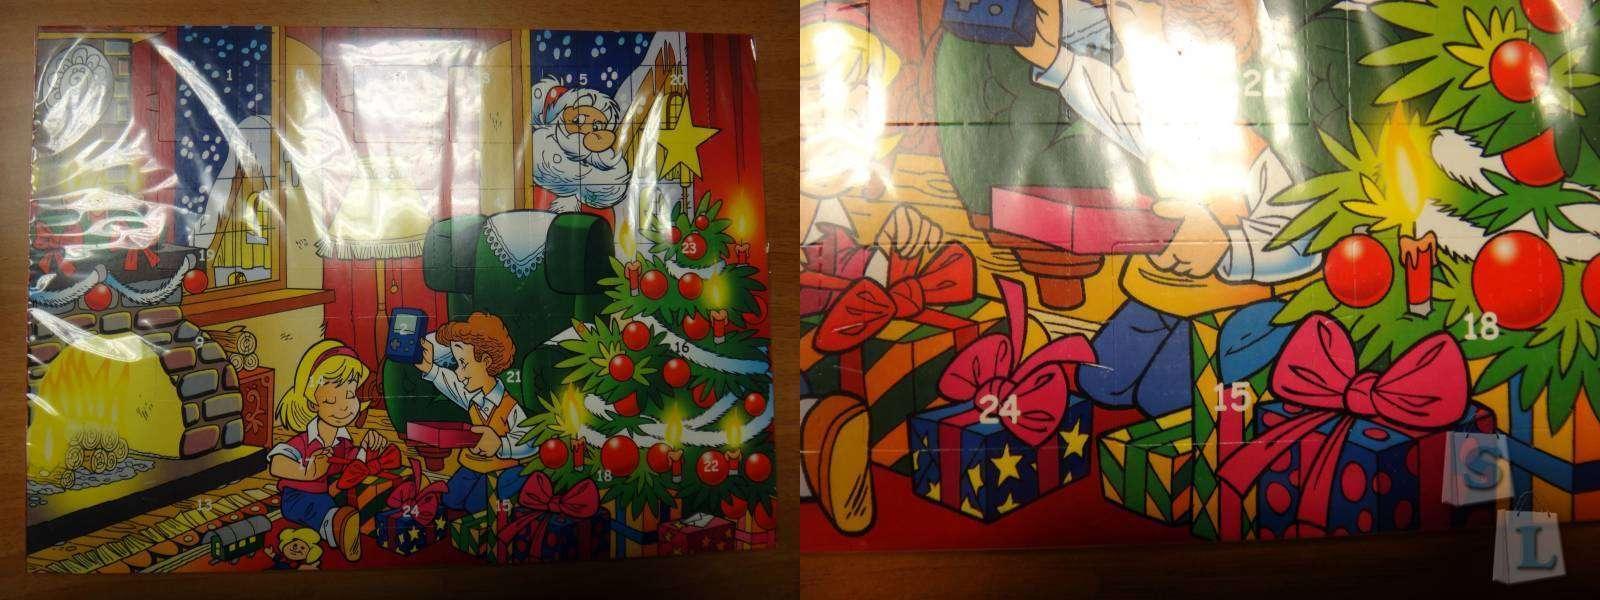 Другие - Европа: Обзор новогодних сладостей от ТМ 'FAVORINA' и адвент календаря купленных в Германии.